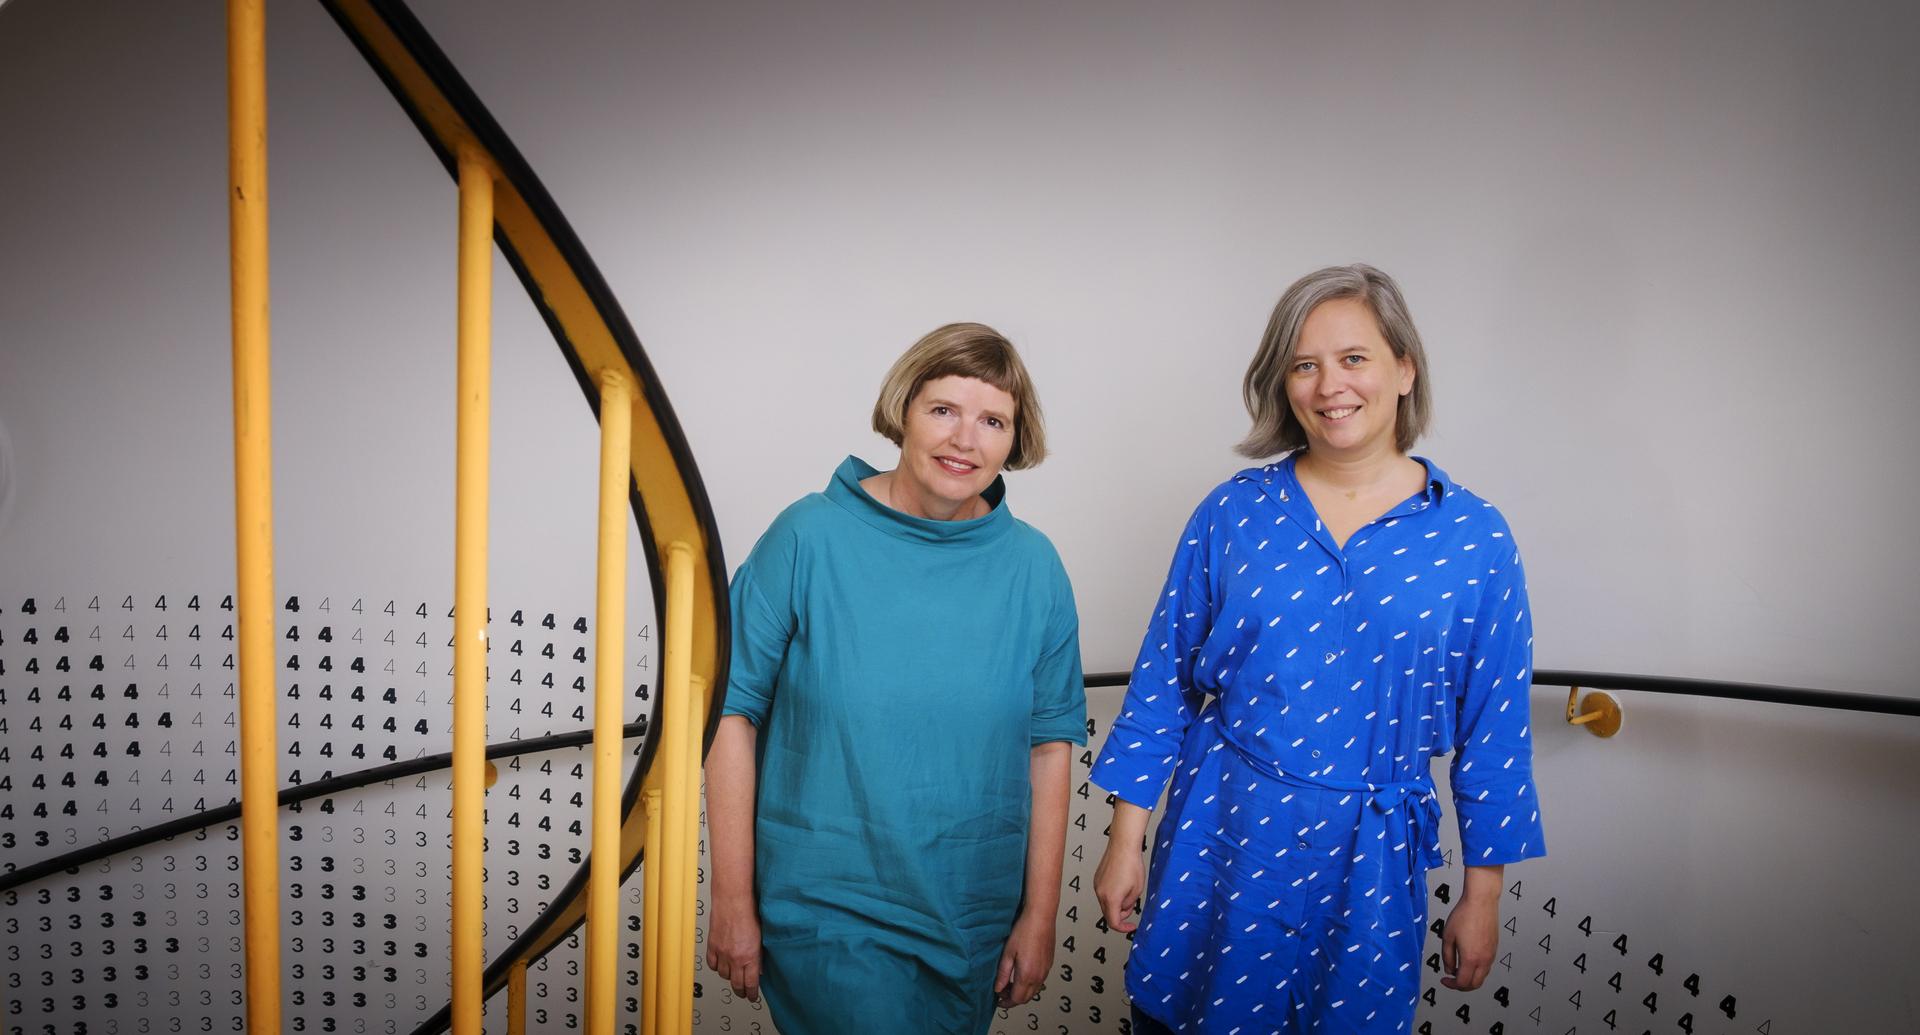 Aðstandendur rannsóknarinnar, Annadís Greta Rúdólfsdóttir og Auður Magndís Auðardóttir.